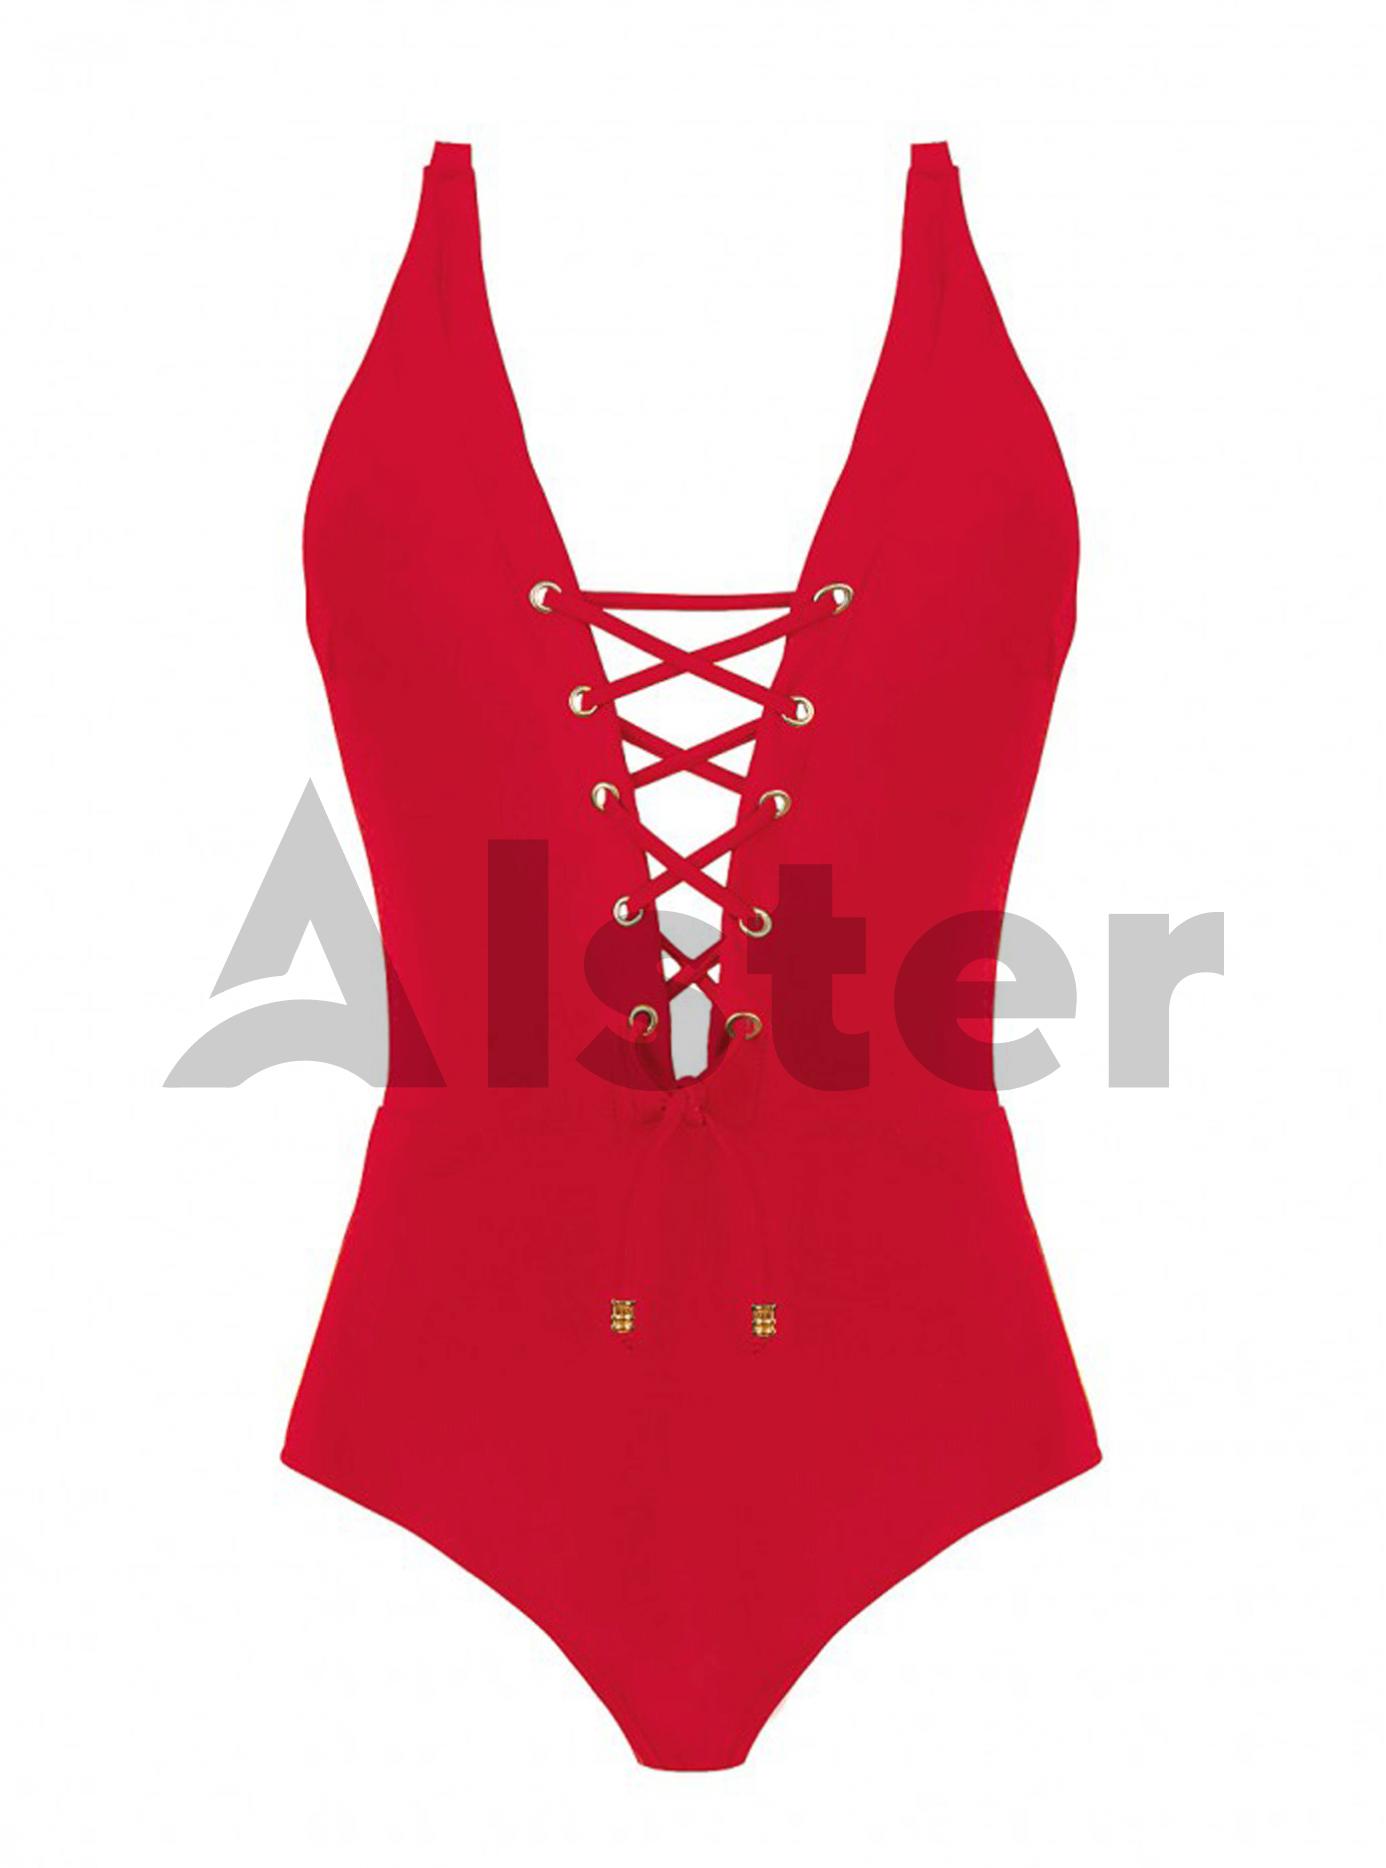 Сдельный купальник со шнуровкой Красный M (01-K190408): фото - Alster.ua